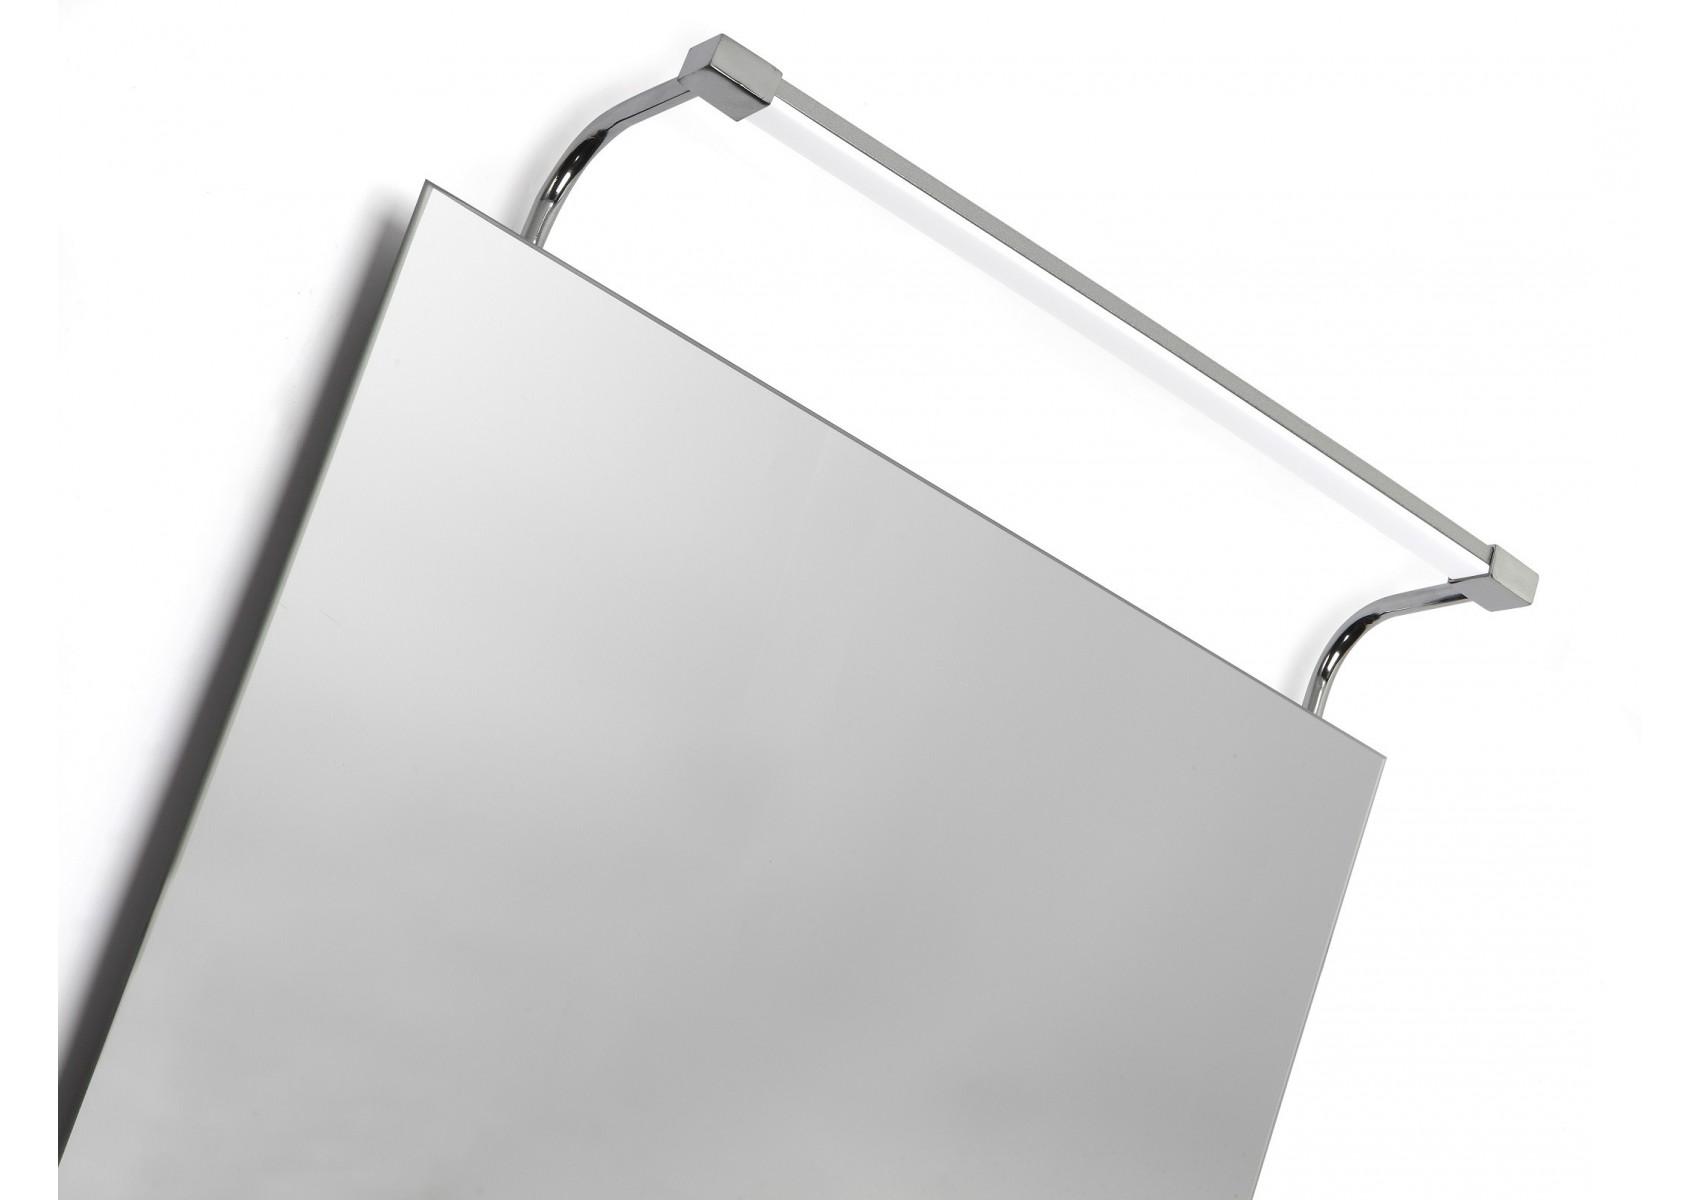 Applique miroir salle de bain design avec haute qualité images ...